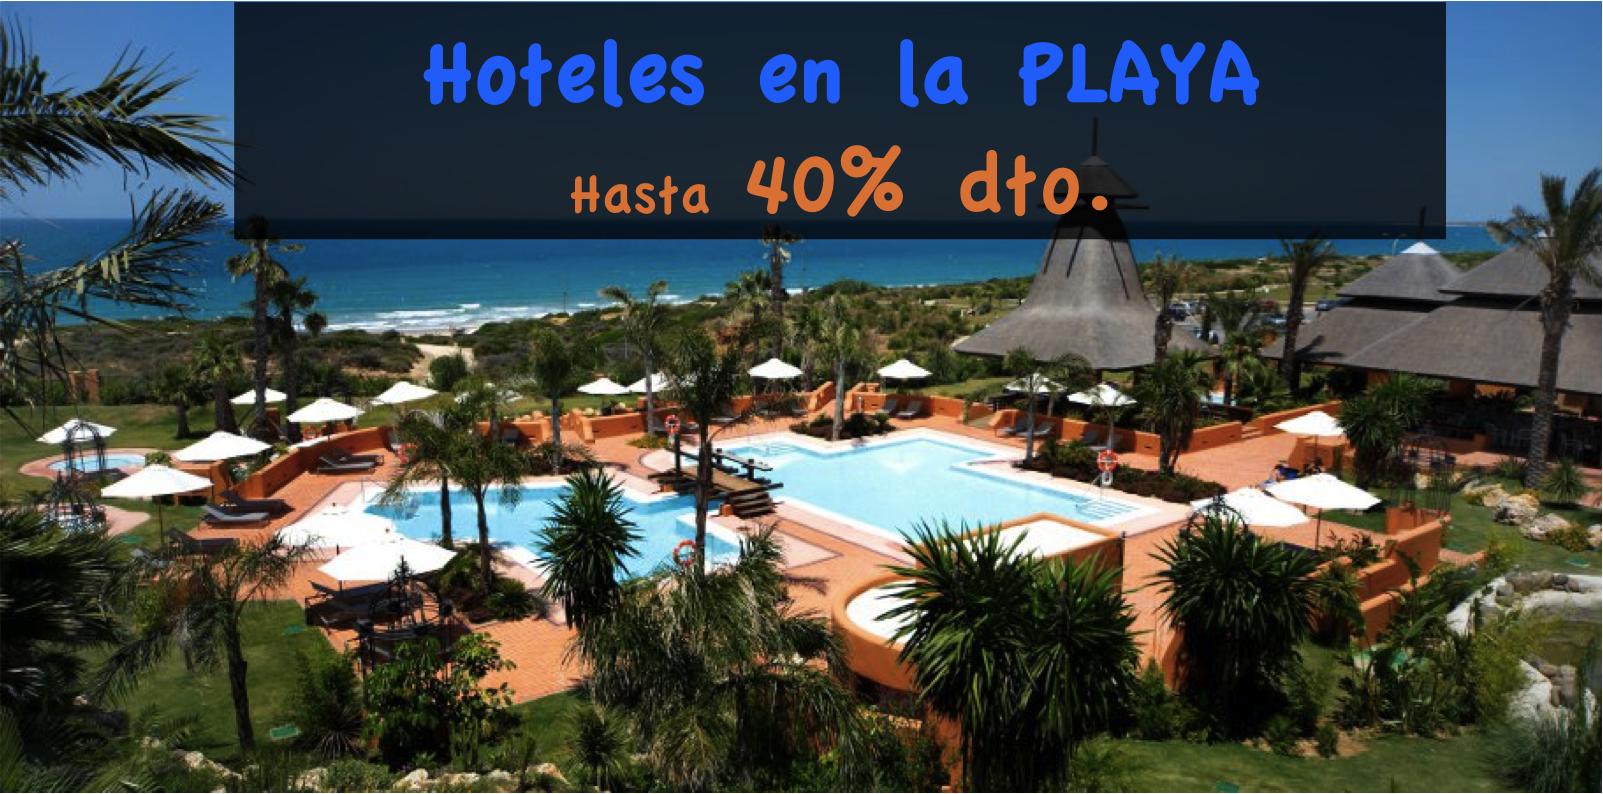 Hoteles en la Playa 40% dto.